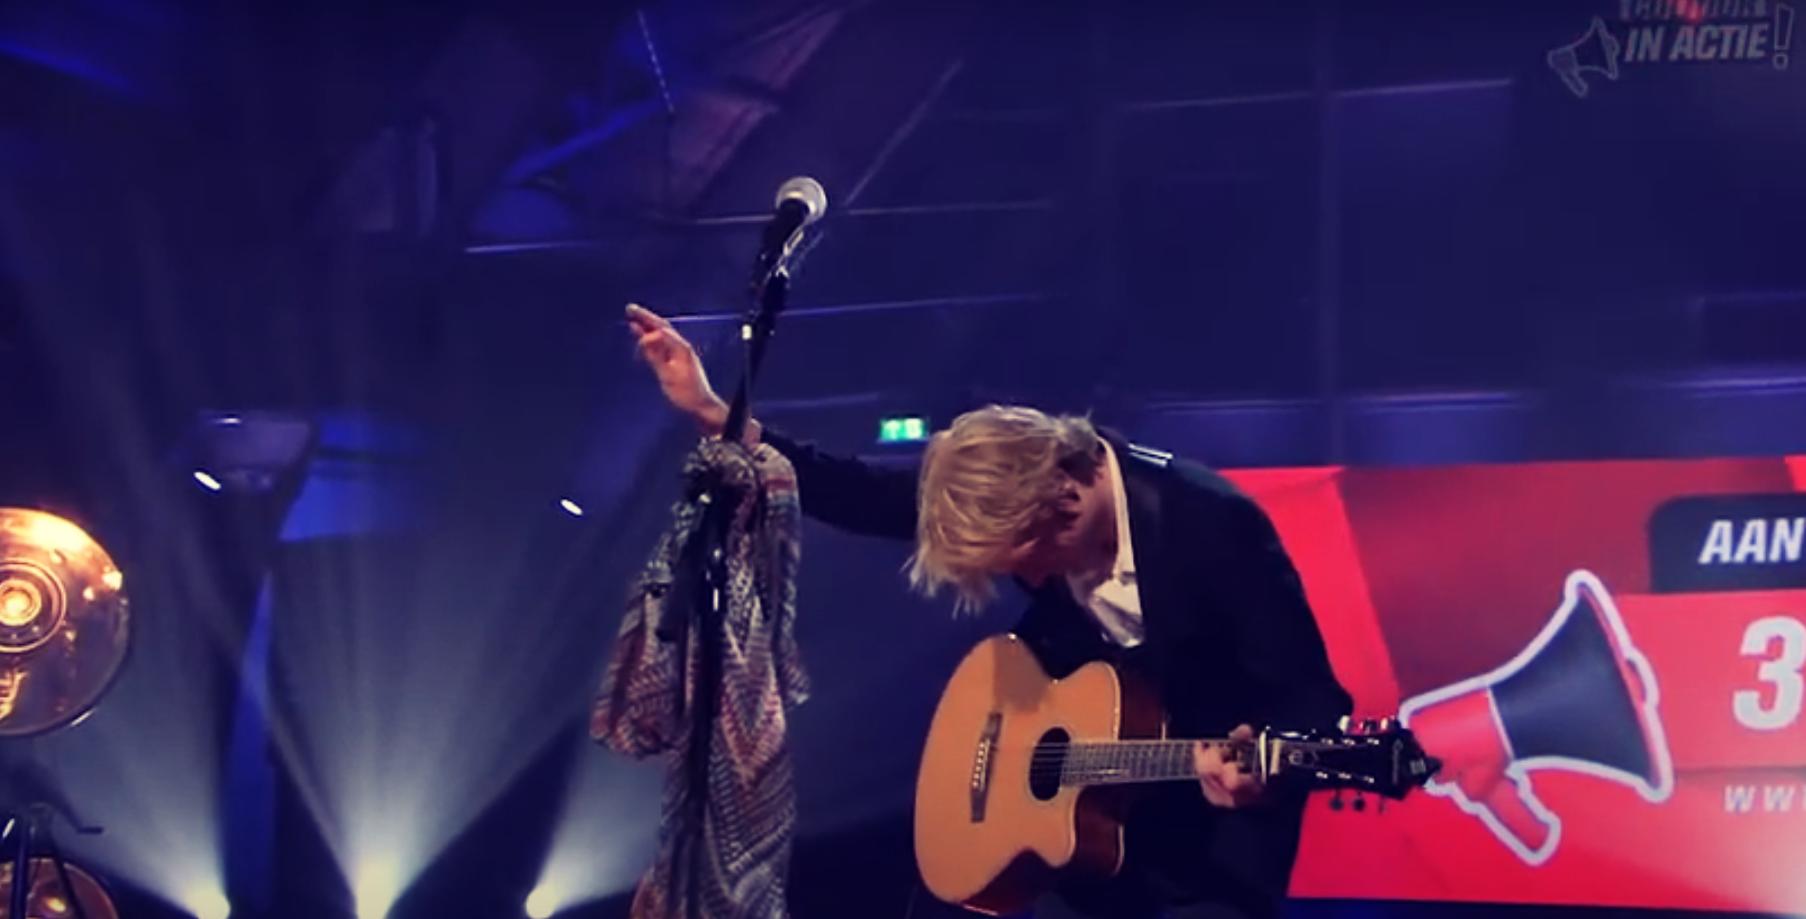 Vincent Corjanus brengt herfst-EP uit op streamingsdiensten